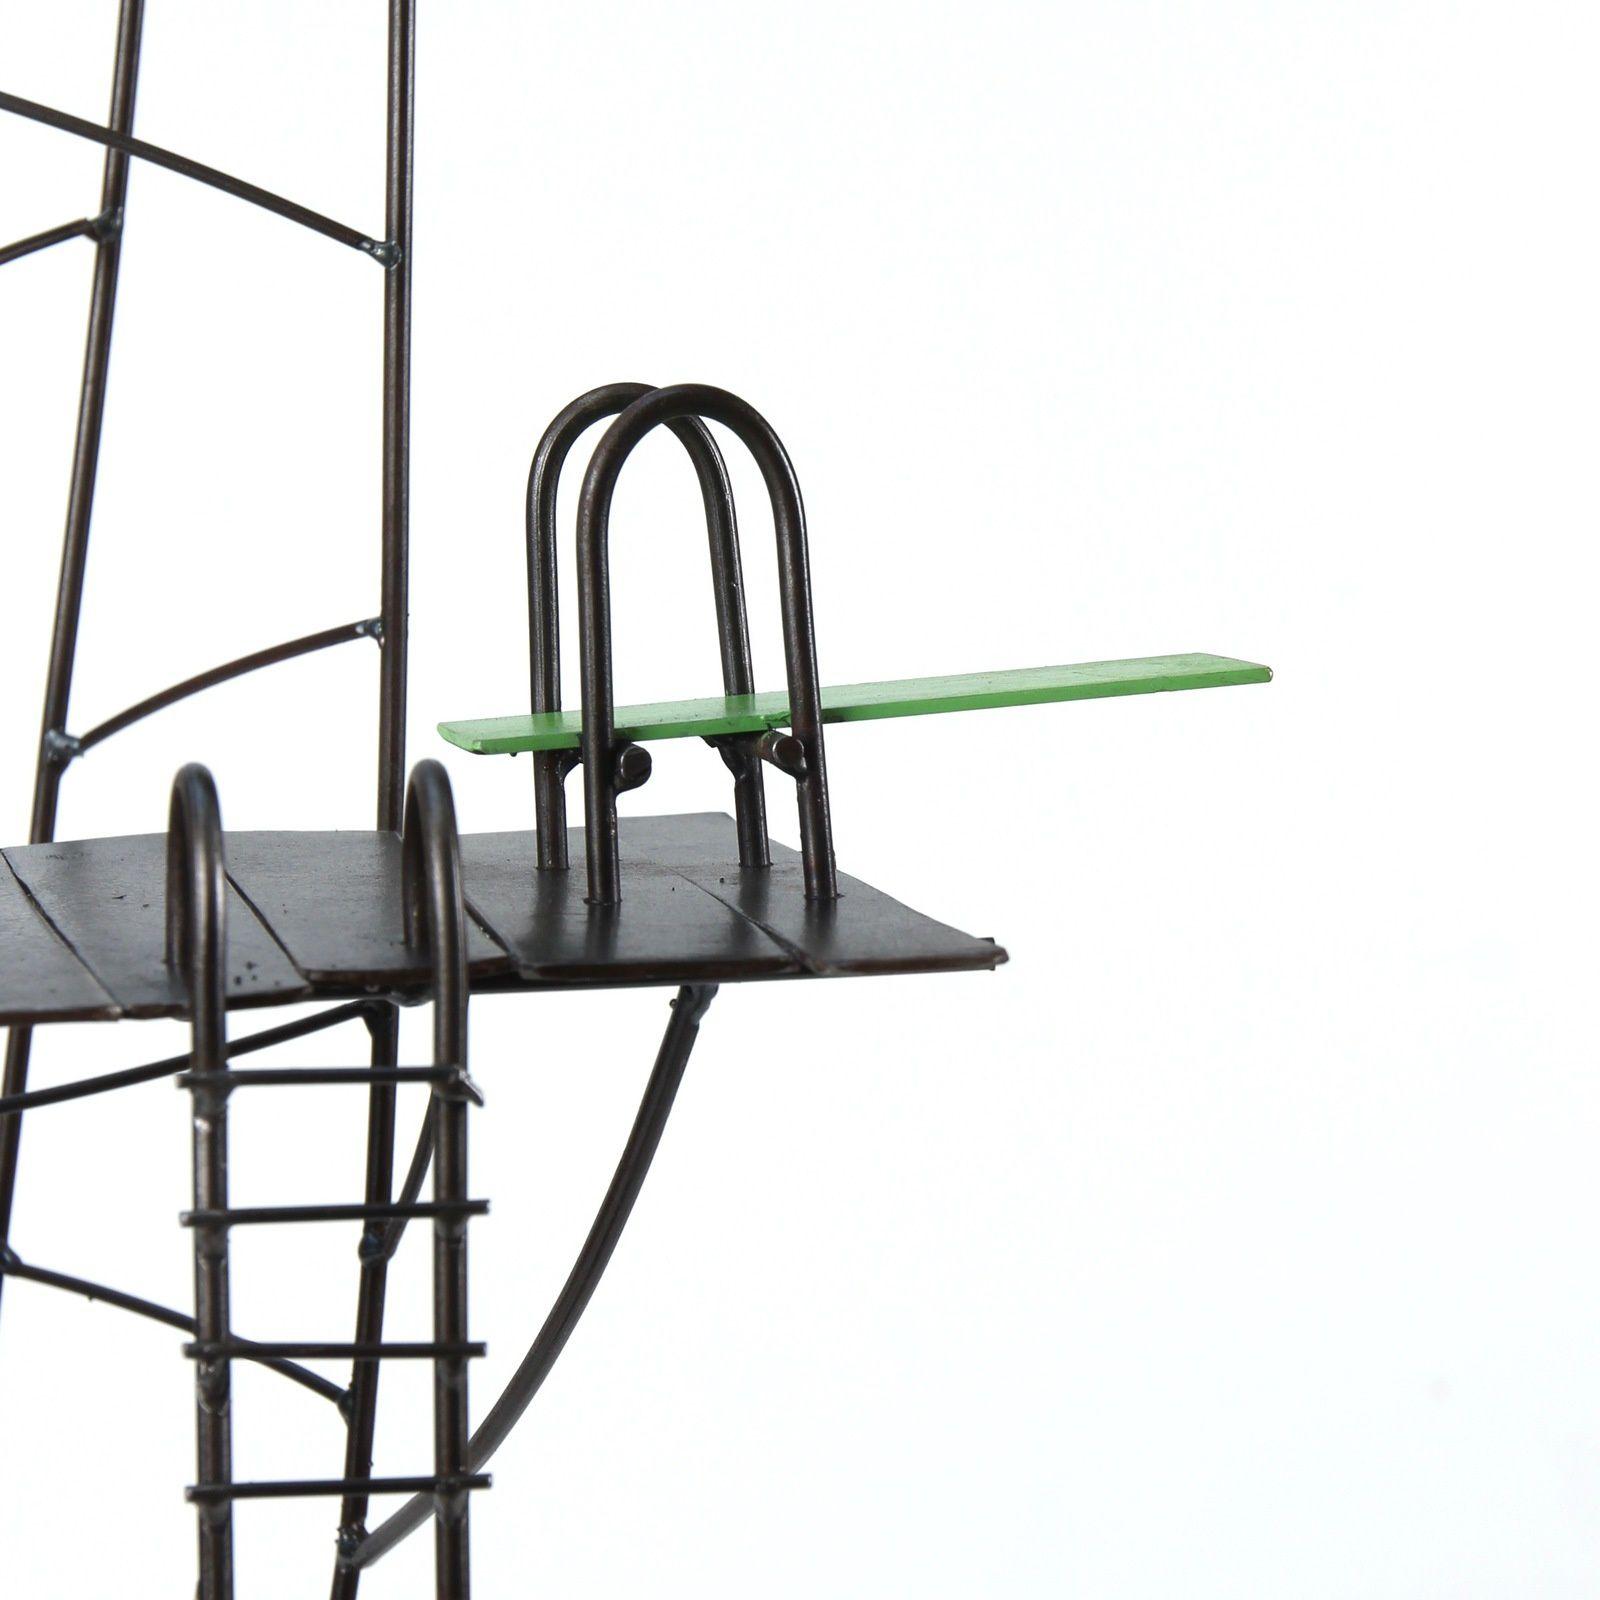 Détails : le motel du lac h 93 cm, le refuge h : 85 cm, l'étoile rouge h : 158 cm et Copacabana h : 27 cm